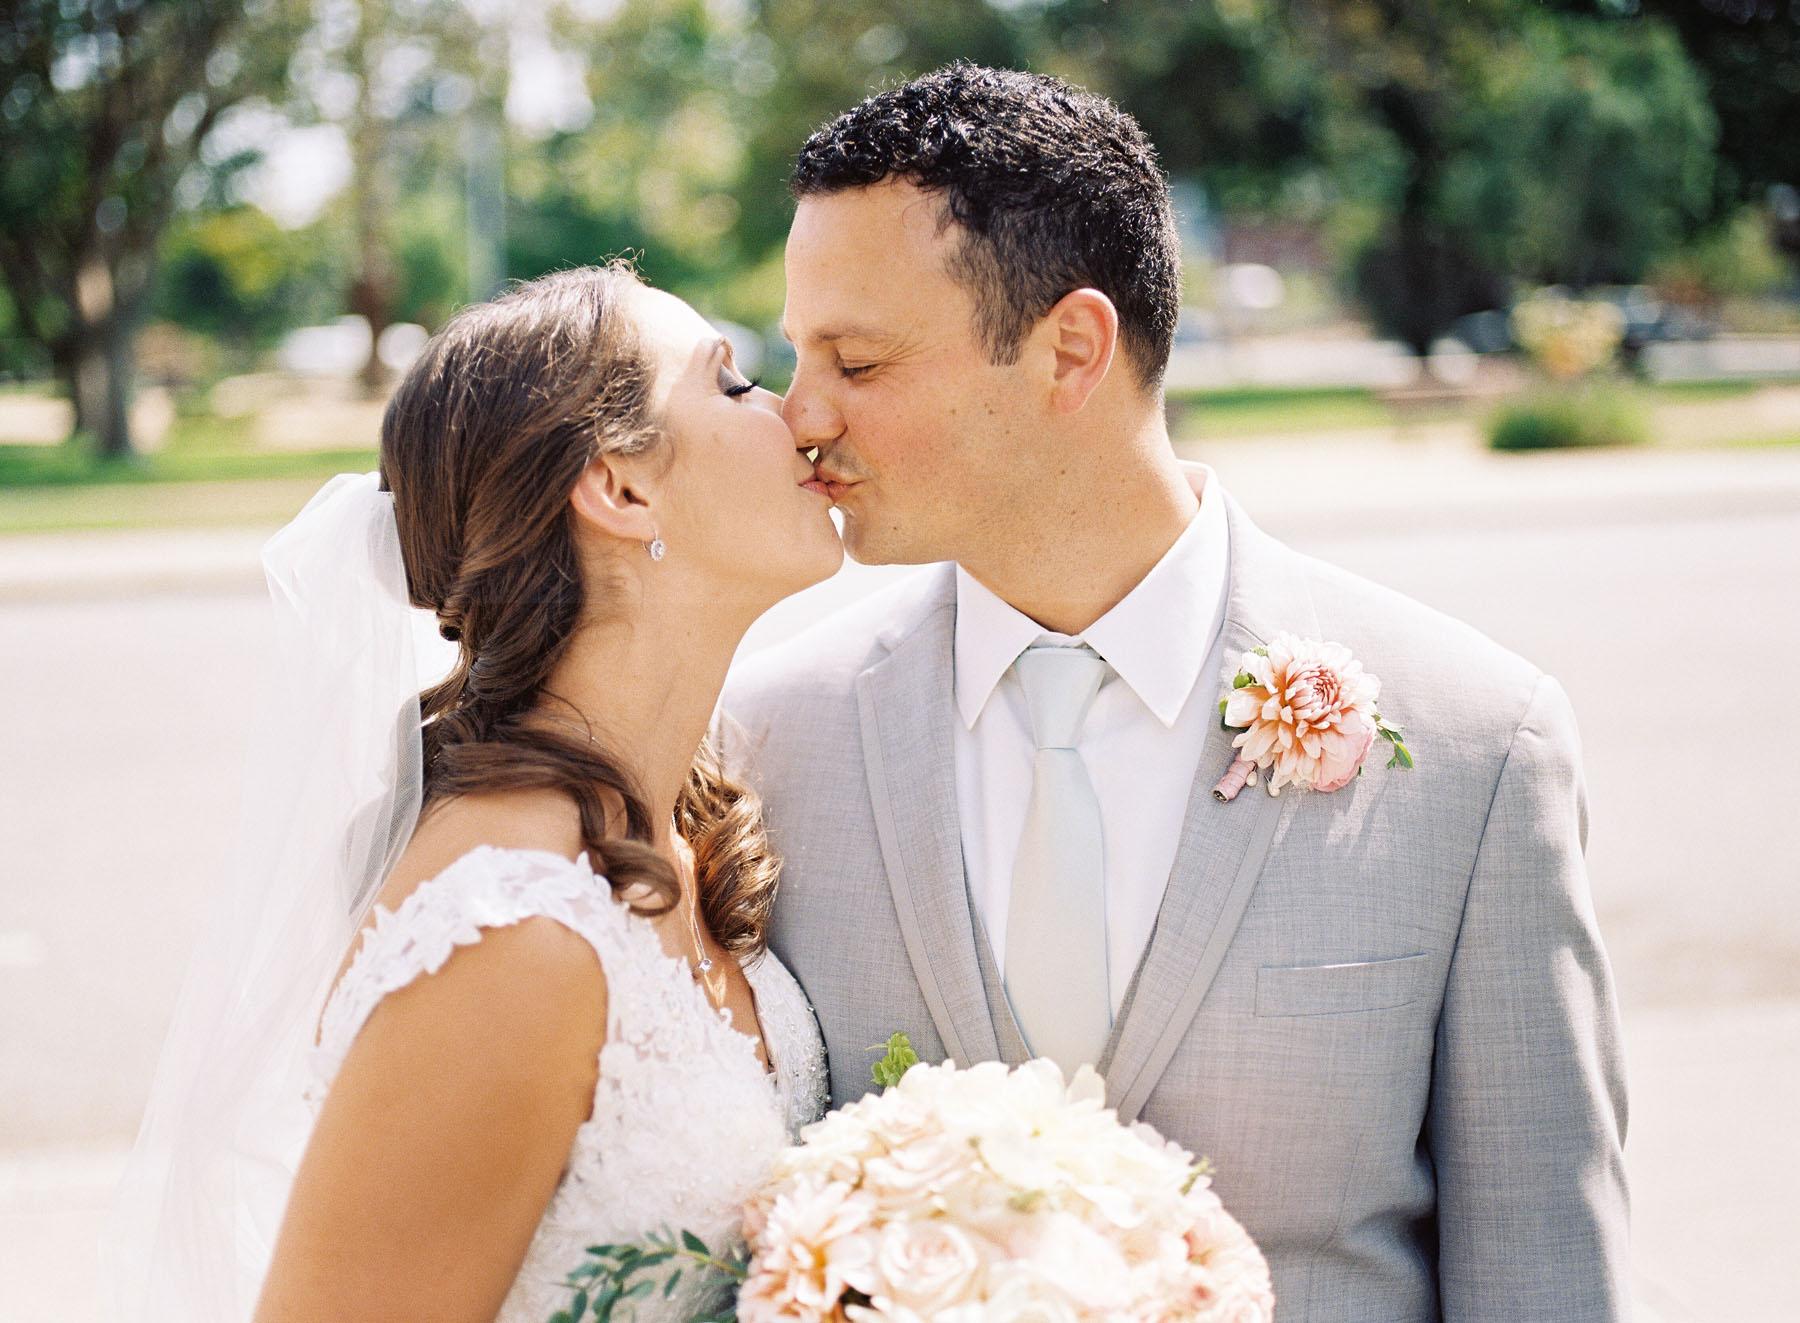 8-11-18 Vanessa and Andrew - 117.jpg